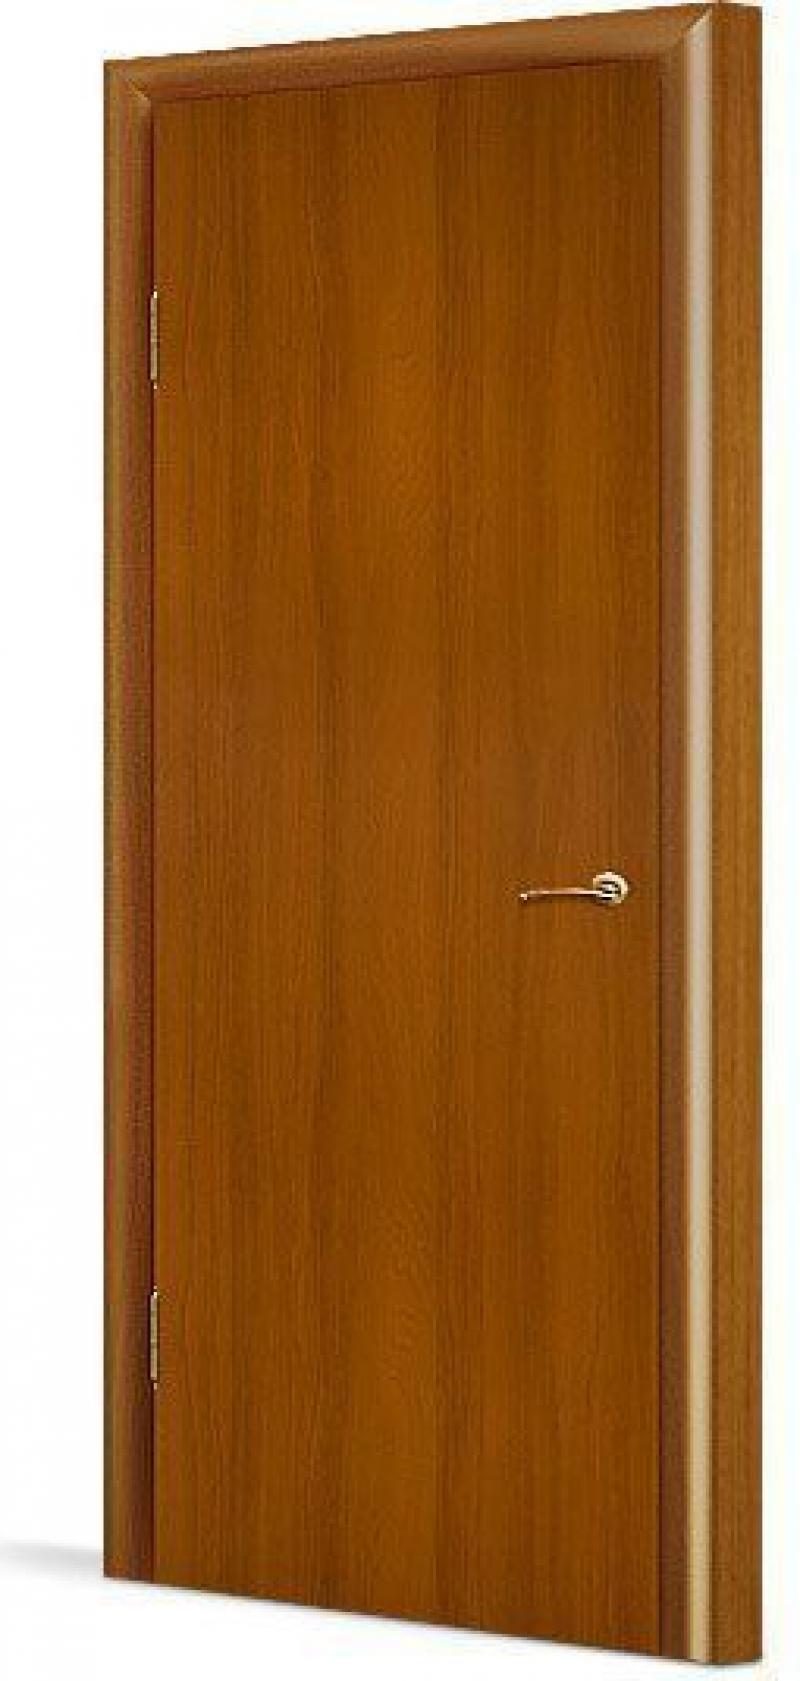 Дверное полотно глухое с четвертью, 800x2000 мм, орех